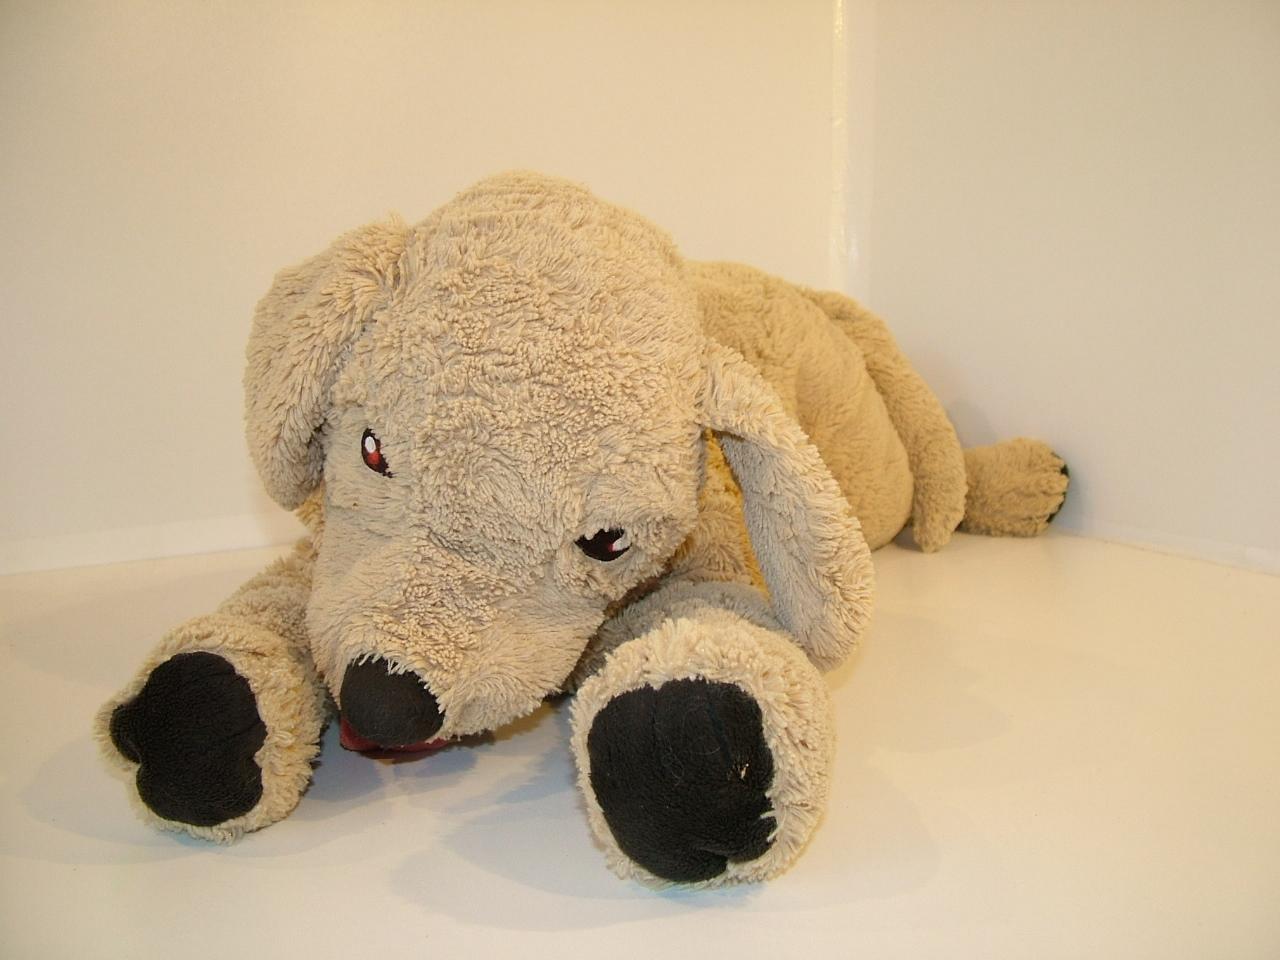 Onwijs ikea knuffel bruine hond groot - Knuffels / Handpoppen JR-56